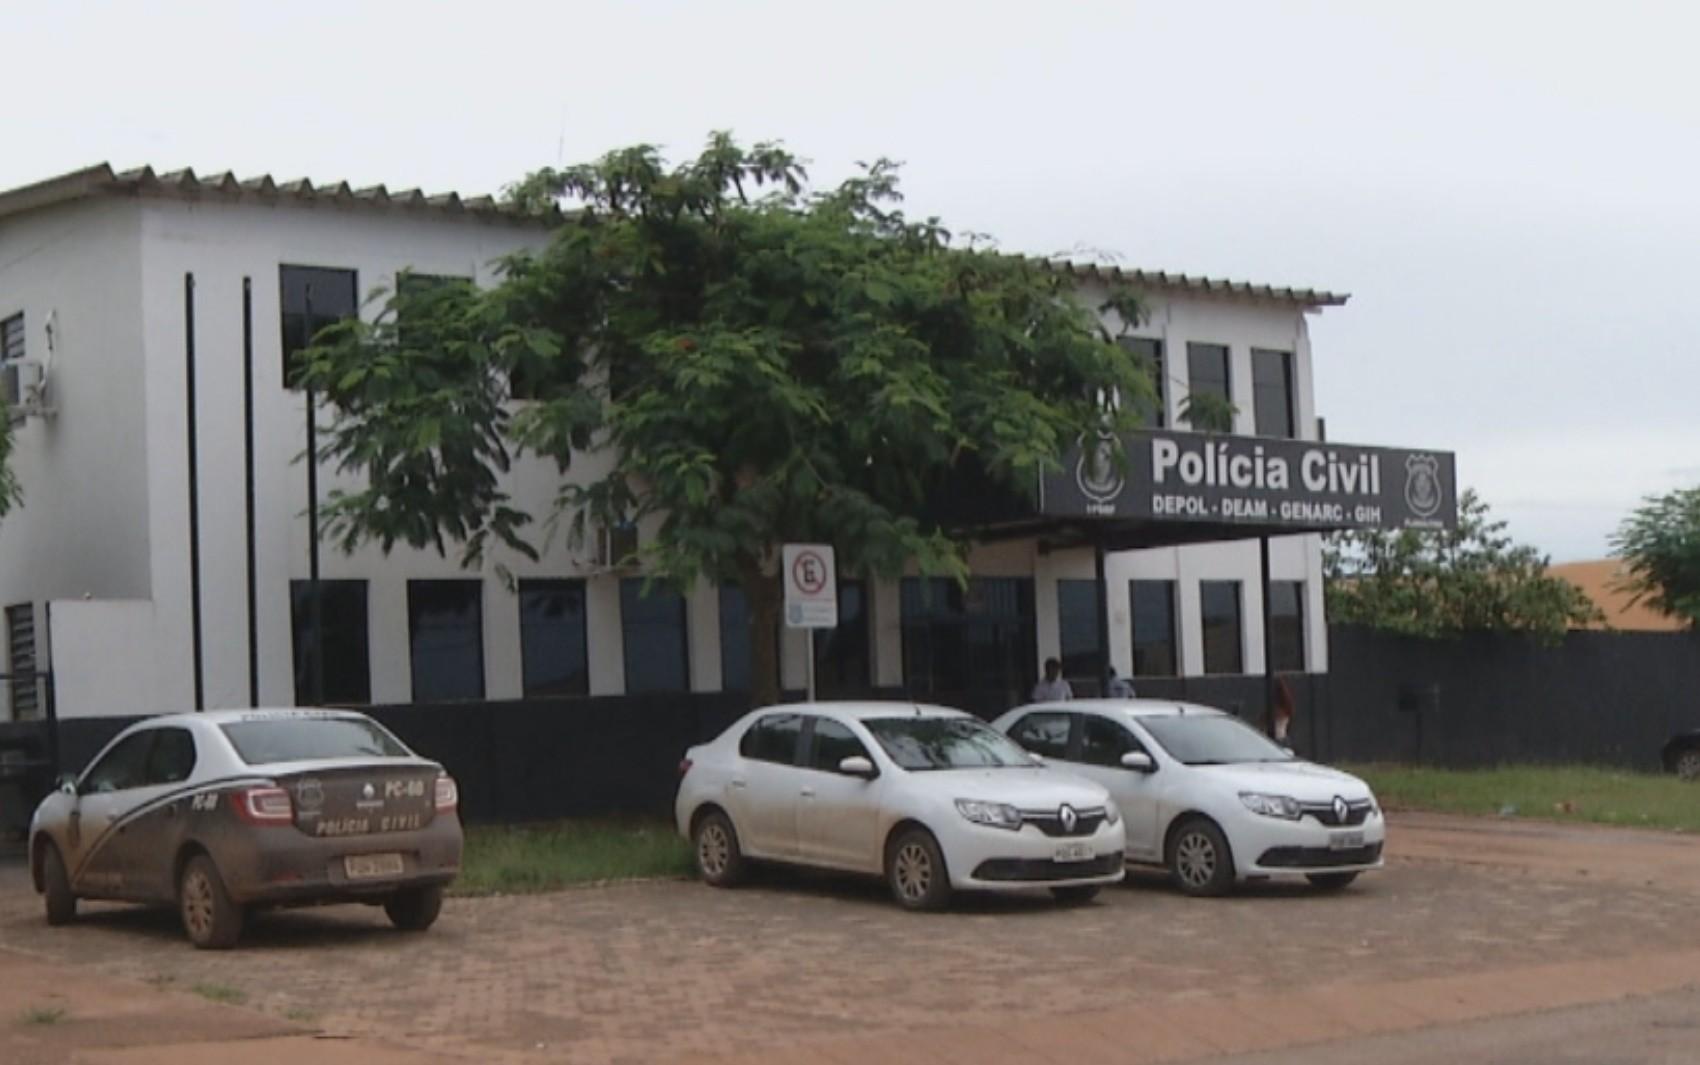 Homem é preso suspeito de agredir a mulher por cerca de 20 anos em Planaltina de Goiás